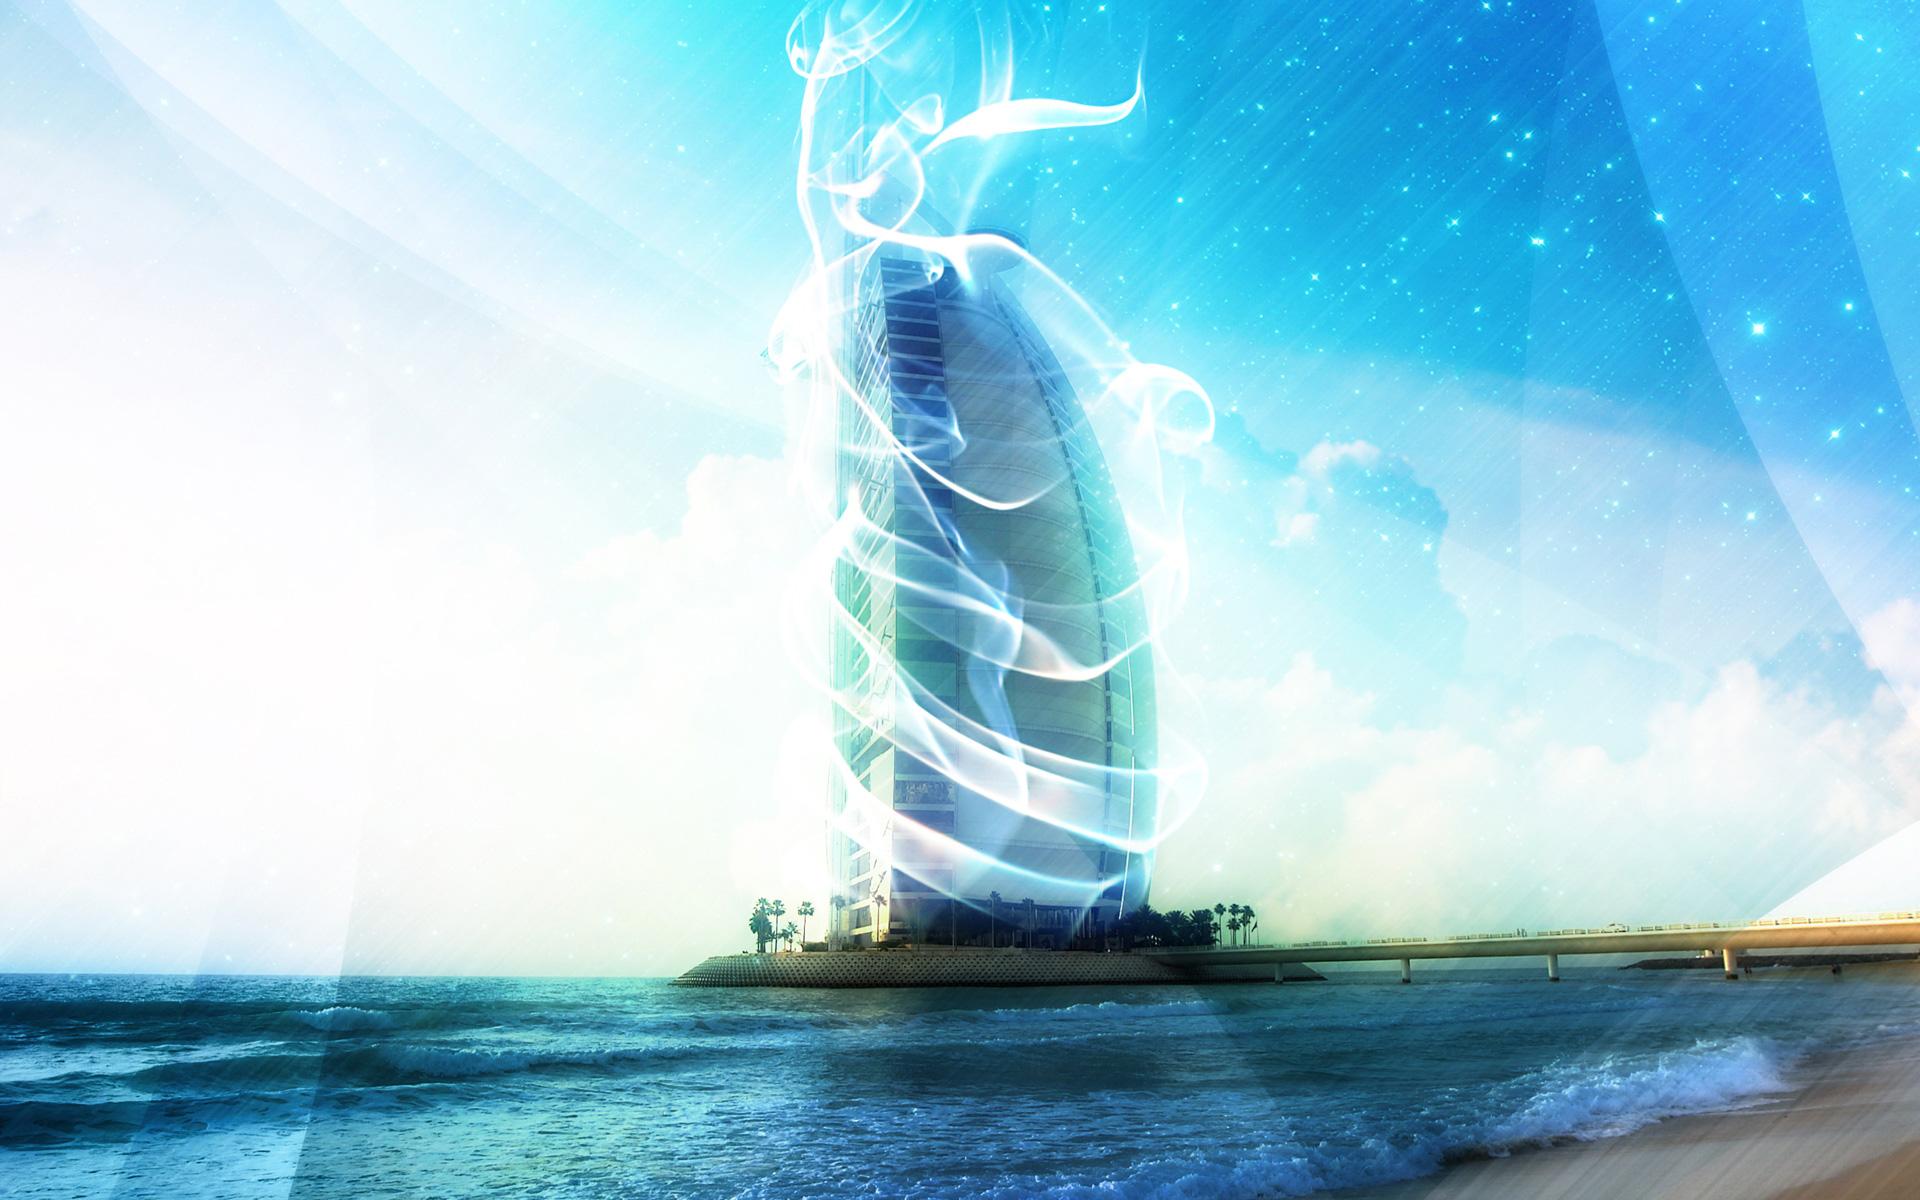 Dubai City Desktop Backgrounds 1920x1200 1920x1200